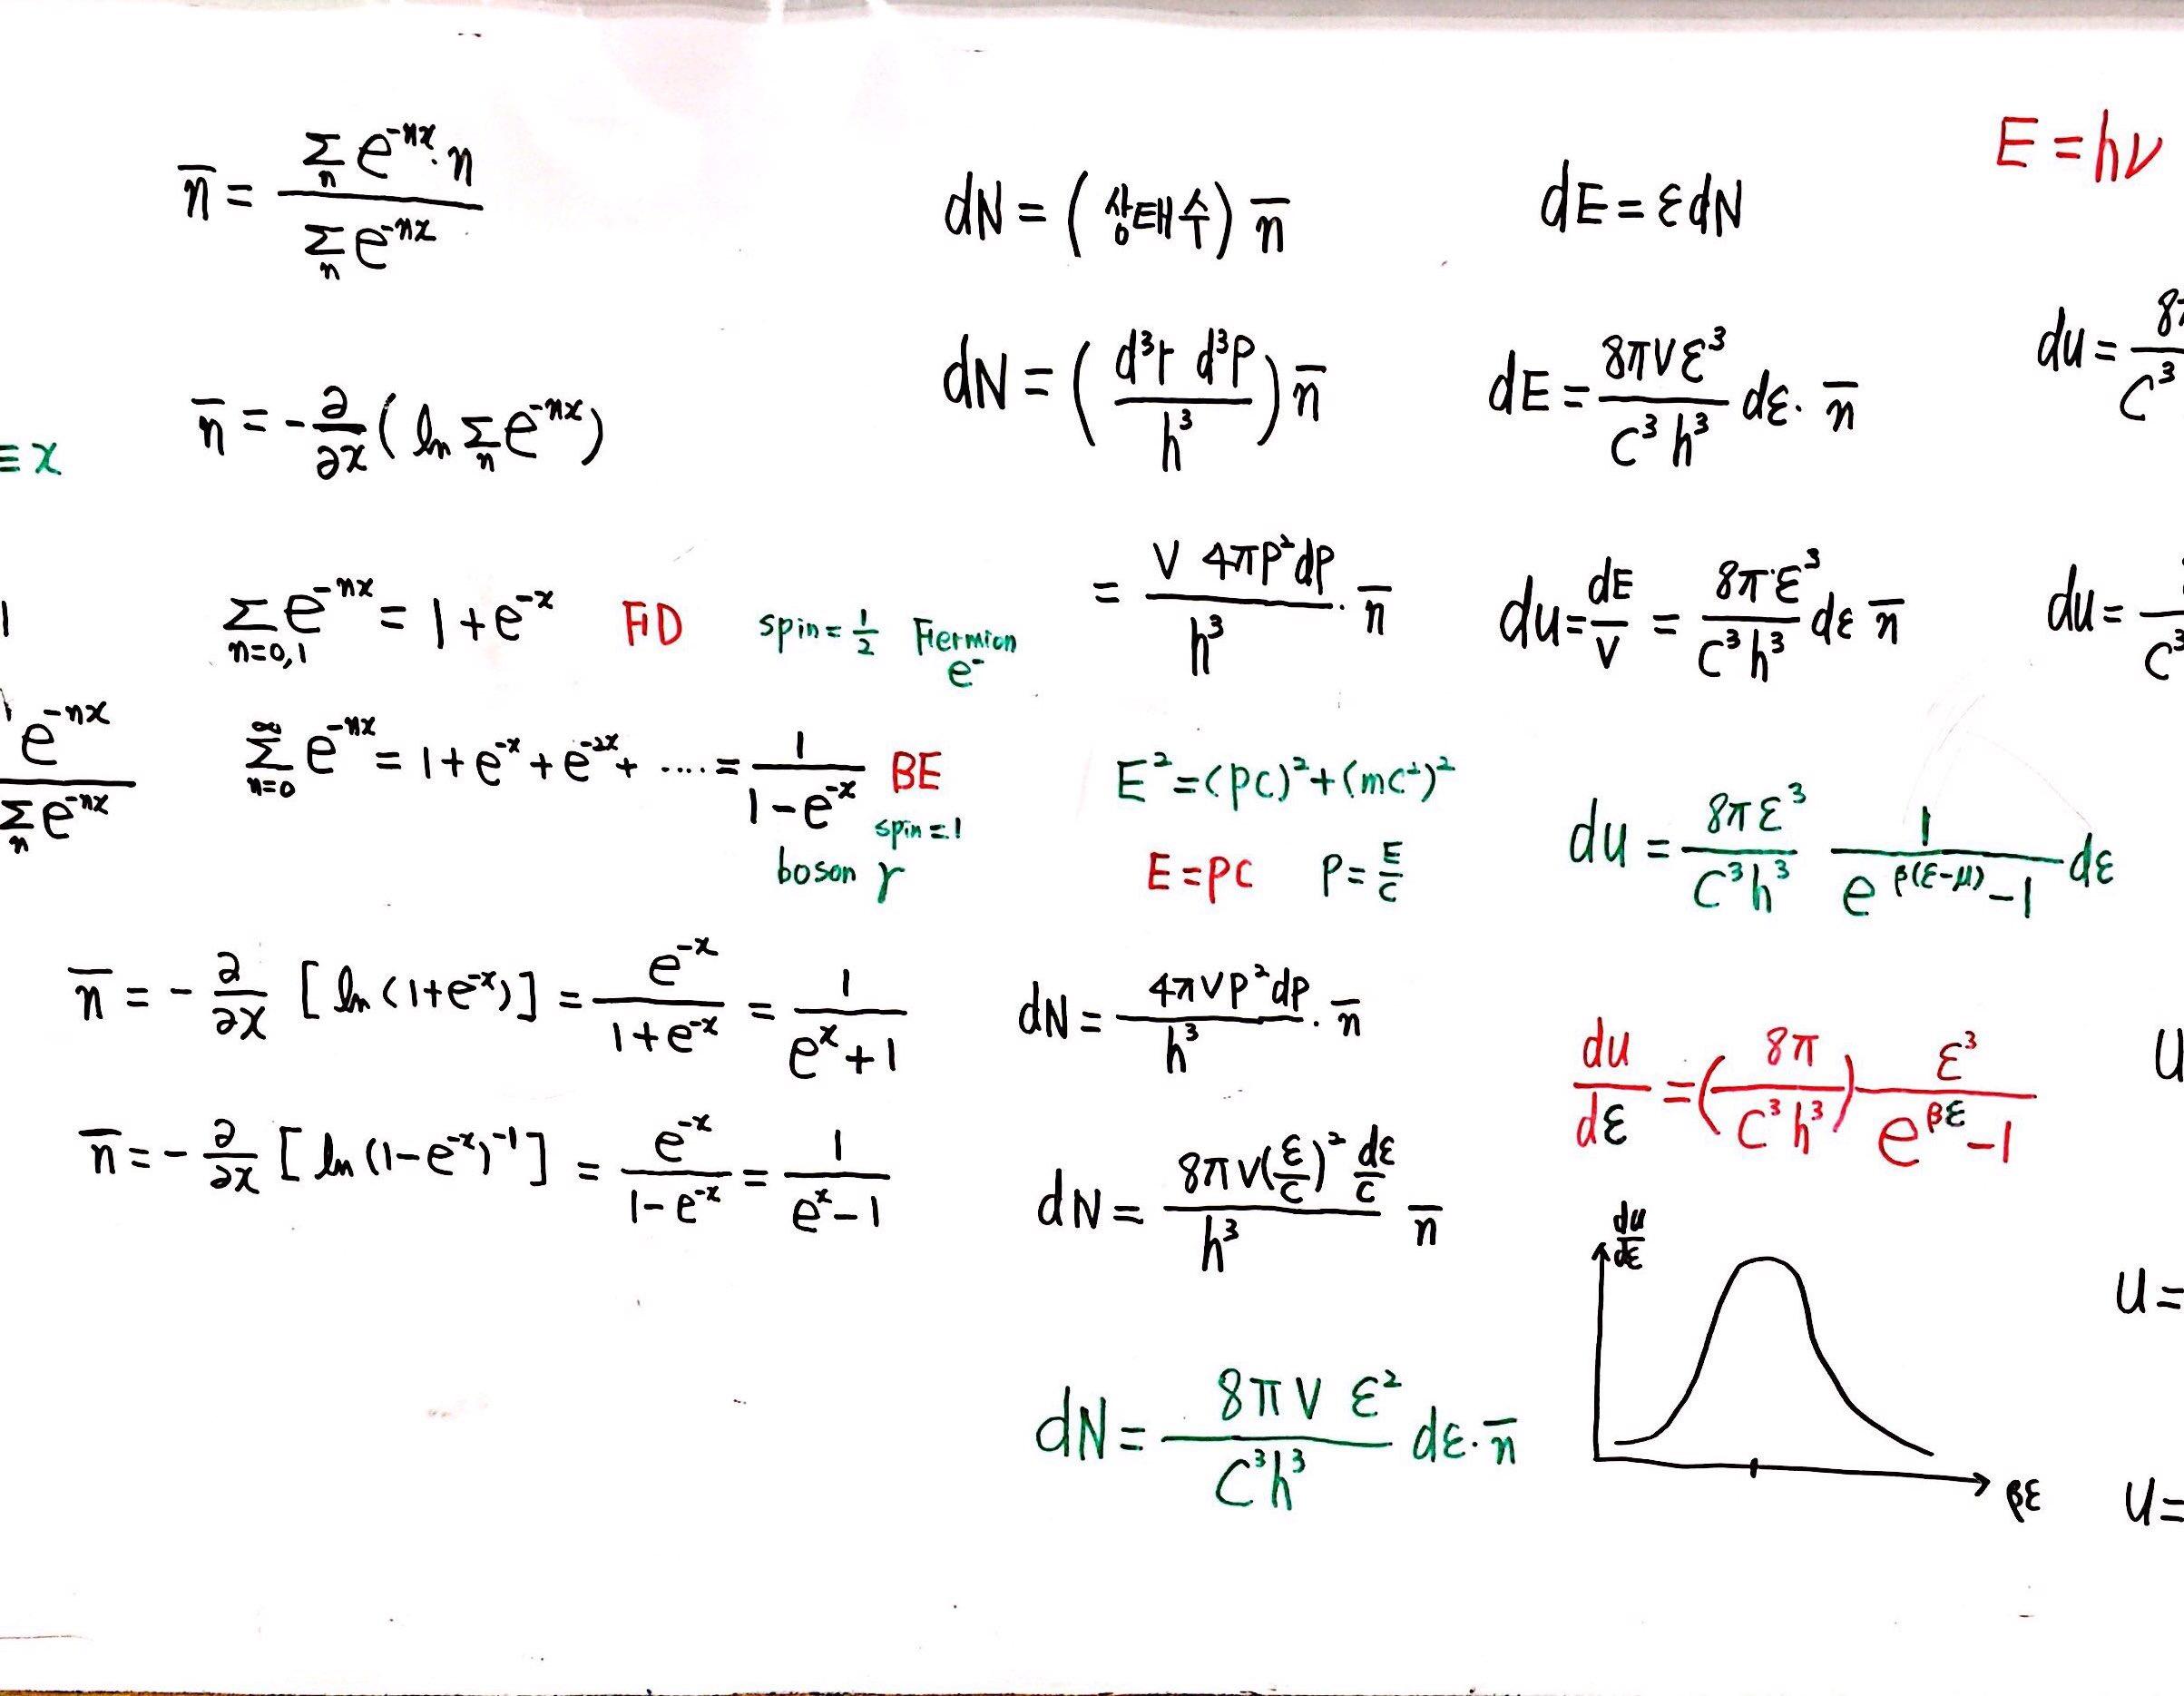 제 7회 137억년 우주진화 1강 열역학1 칠판 스캔 (4).JPG